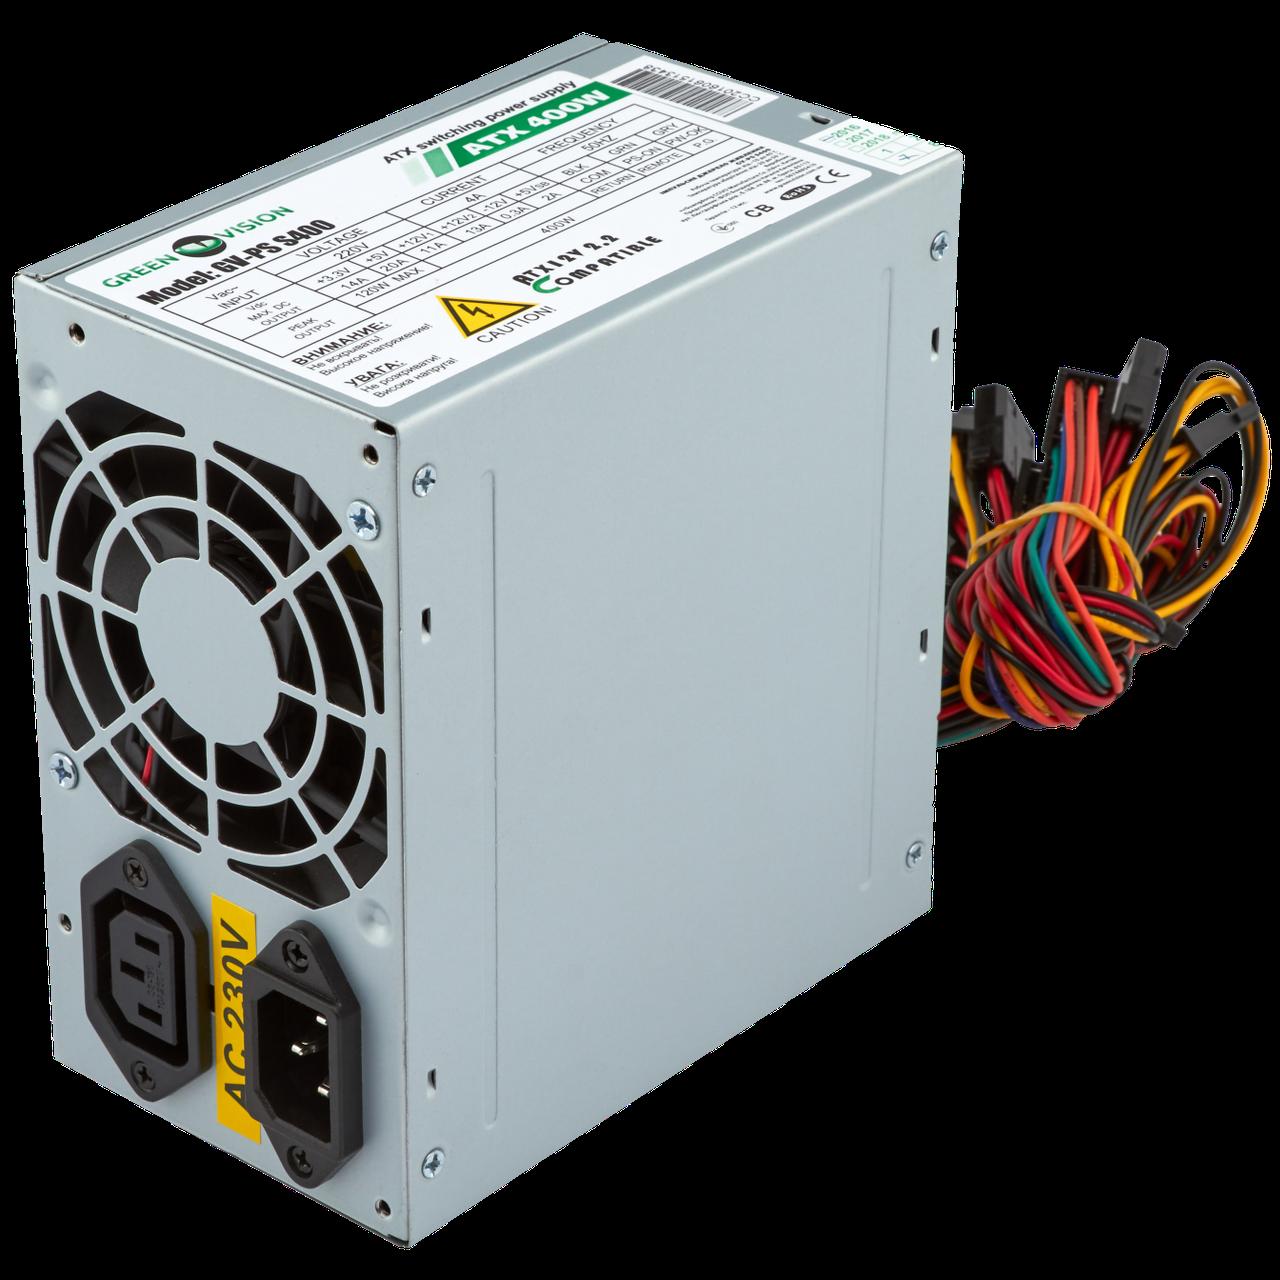 Уценка. Блок питания GreenVision GV-PS ATX S400/8